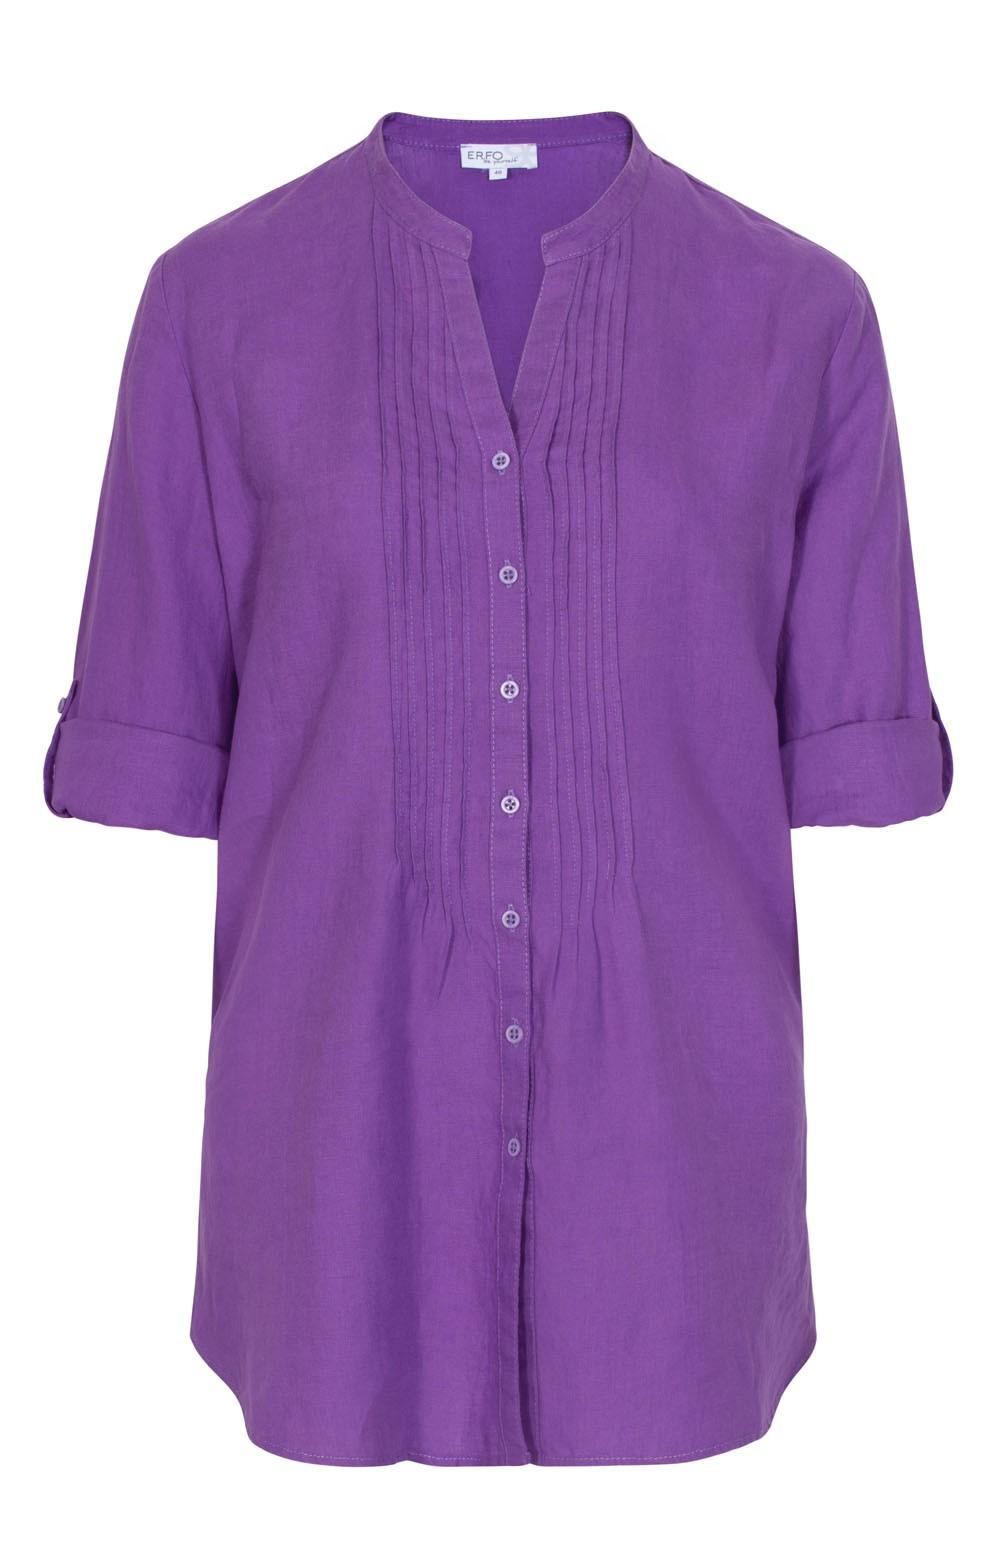 44b25639c92d5c Ladies Erfo Pleat Placket Long Linen Shirt - House of Bruar